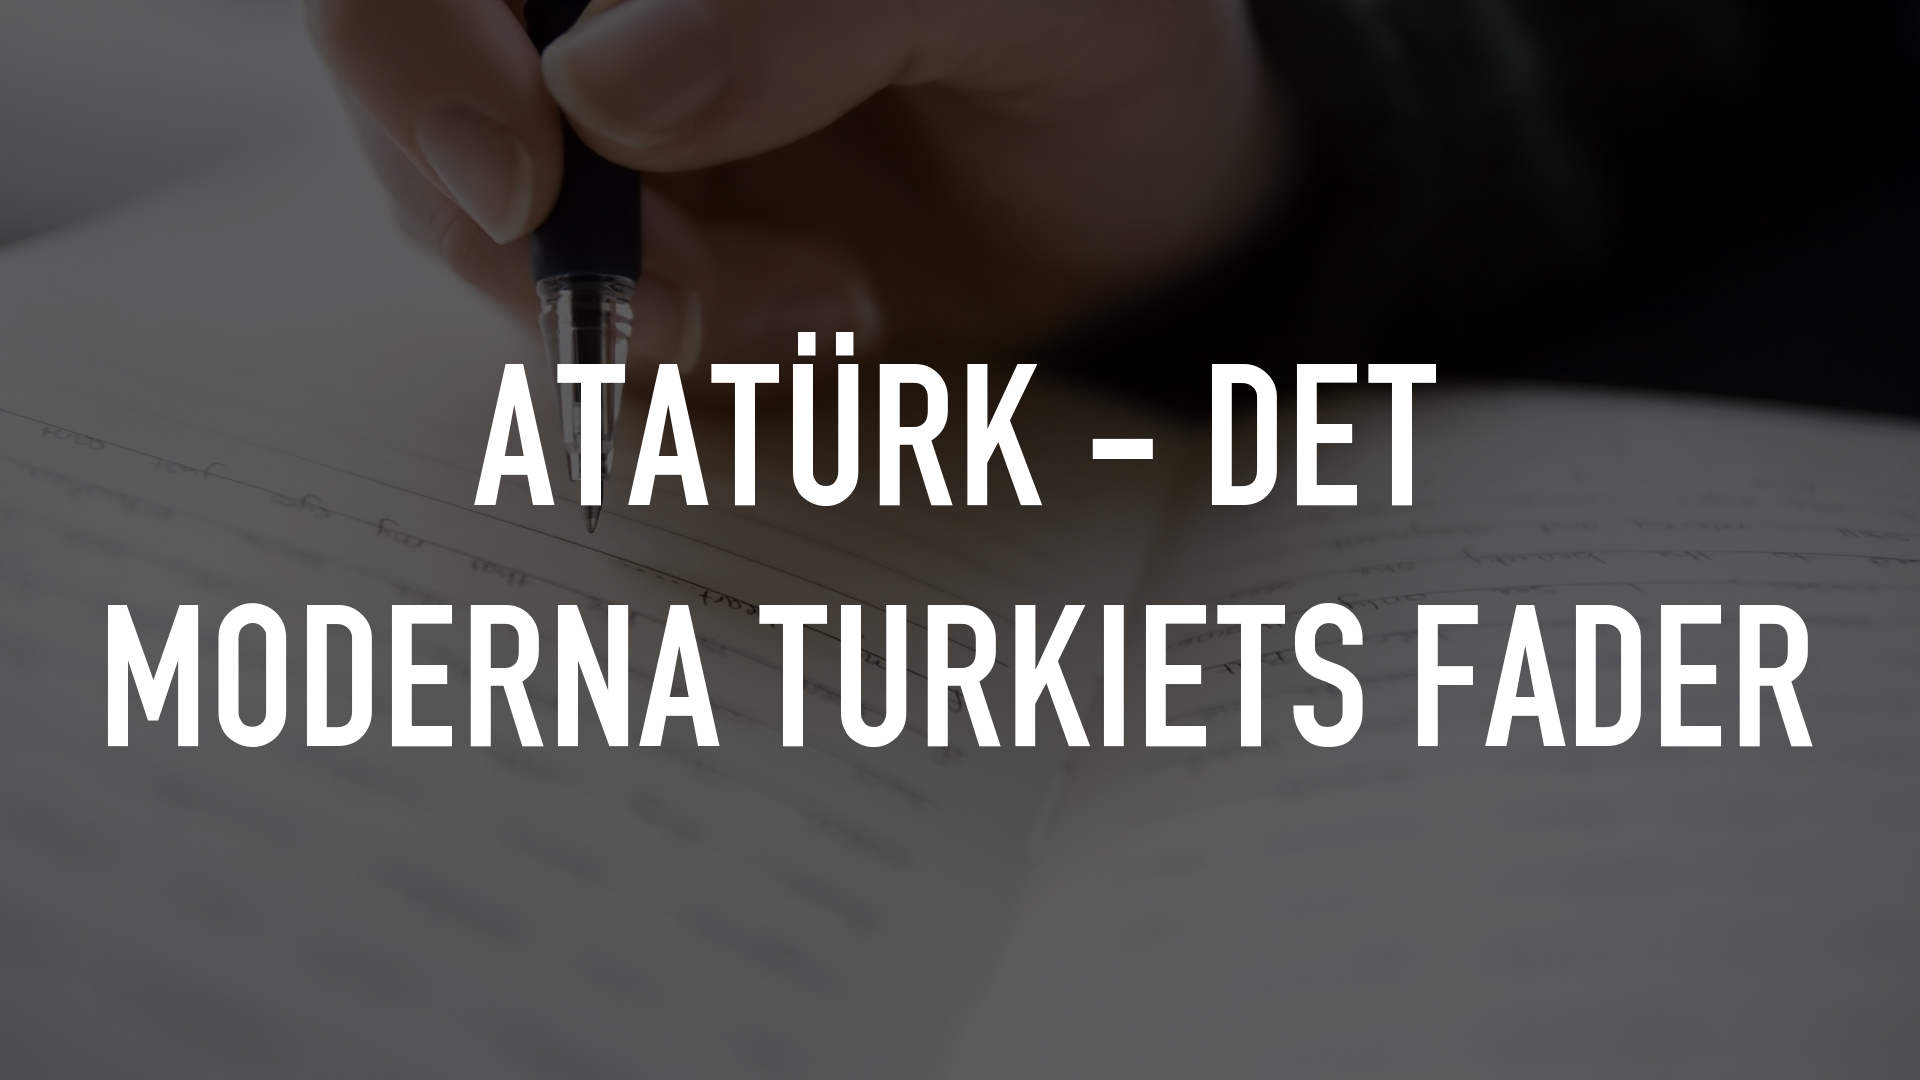 Atatürk - Det moderna Turkiets fader